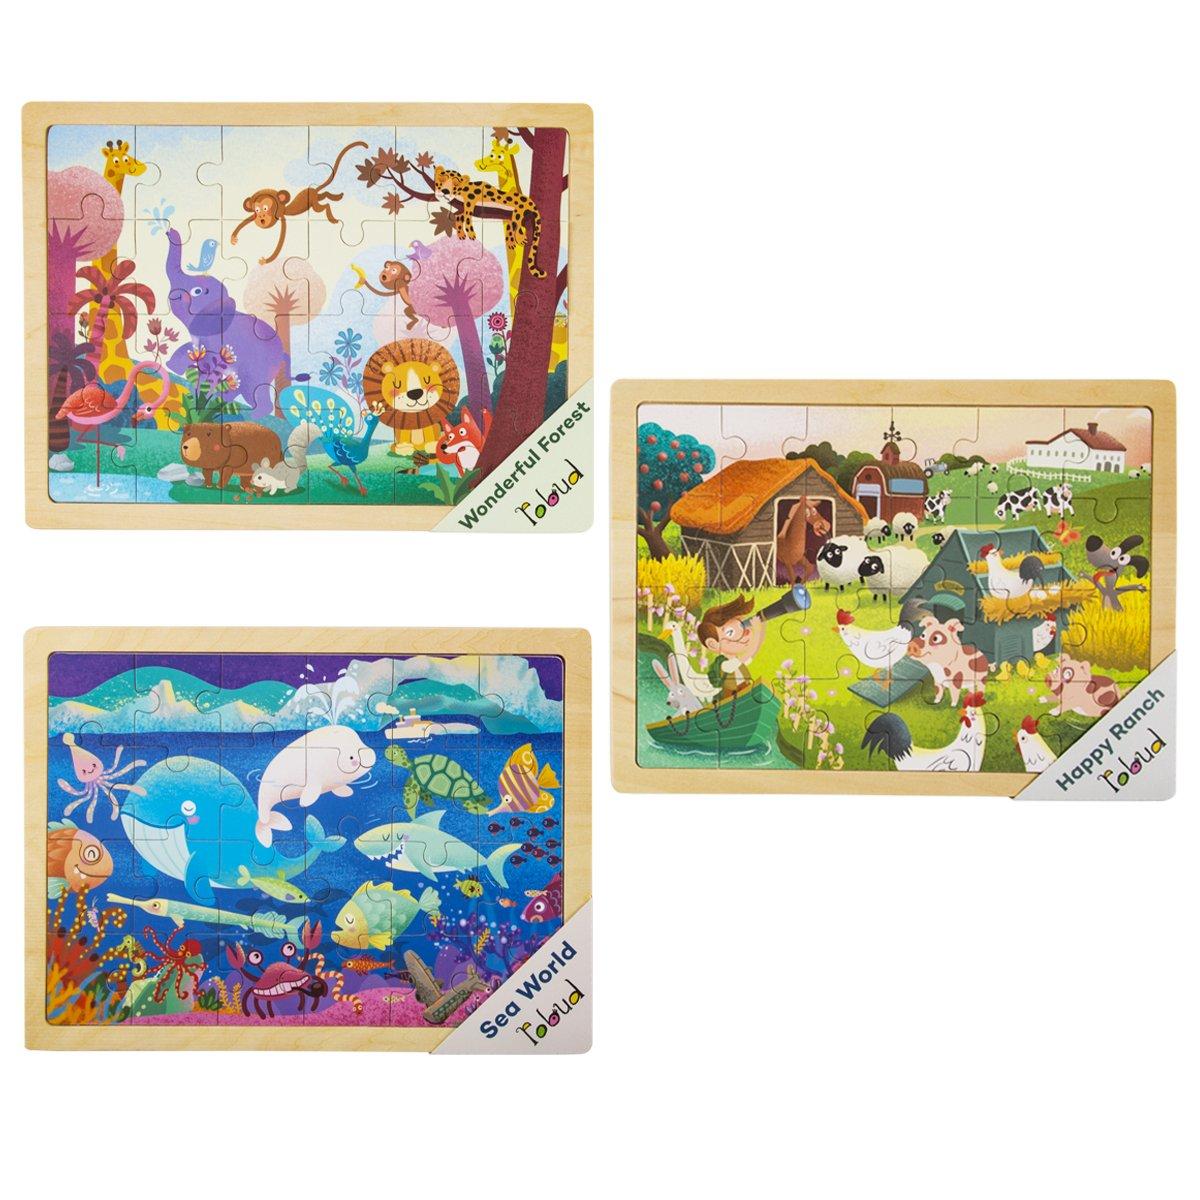 おすすめネット ROBOTIME 木製ジグソーパズルセット 収納トレイ付き 幼稚園のおもちゃ - 3セット 赤ちゃんパズルゲーム - ROBOTIME 幼稚園のおもちゃ 収納トレイ付き 1歳から2歳 3歳 (森、牧場、海の世界) B07FS6MGHX, 琉球泡盛 久米仙酒造:f0f837e0 --- 4x4.lt